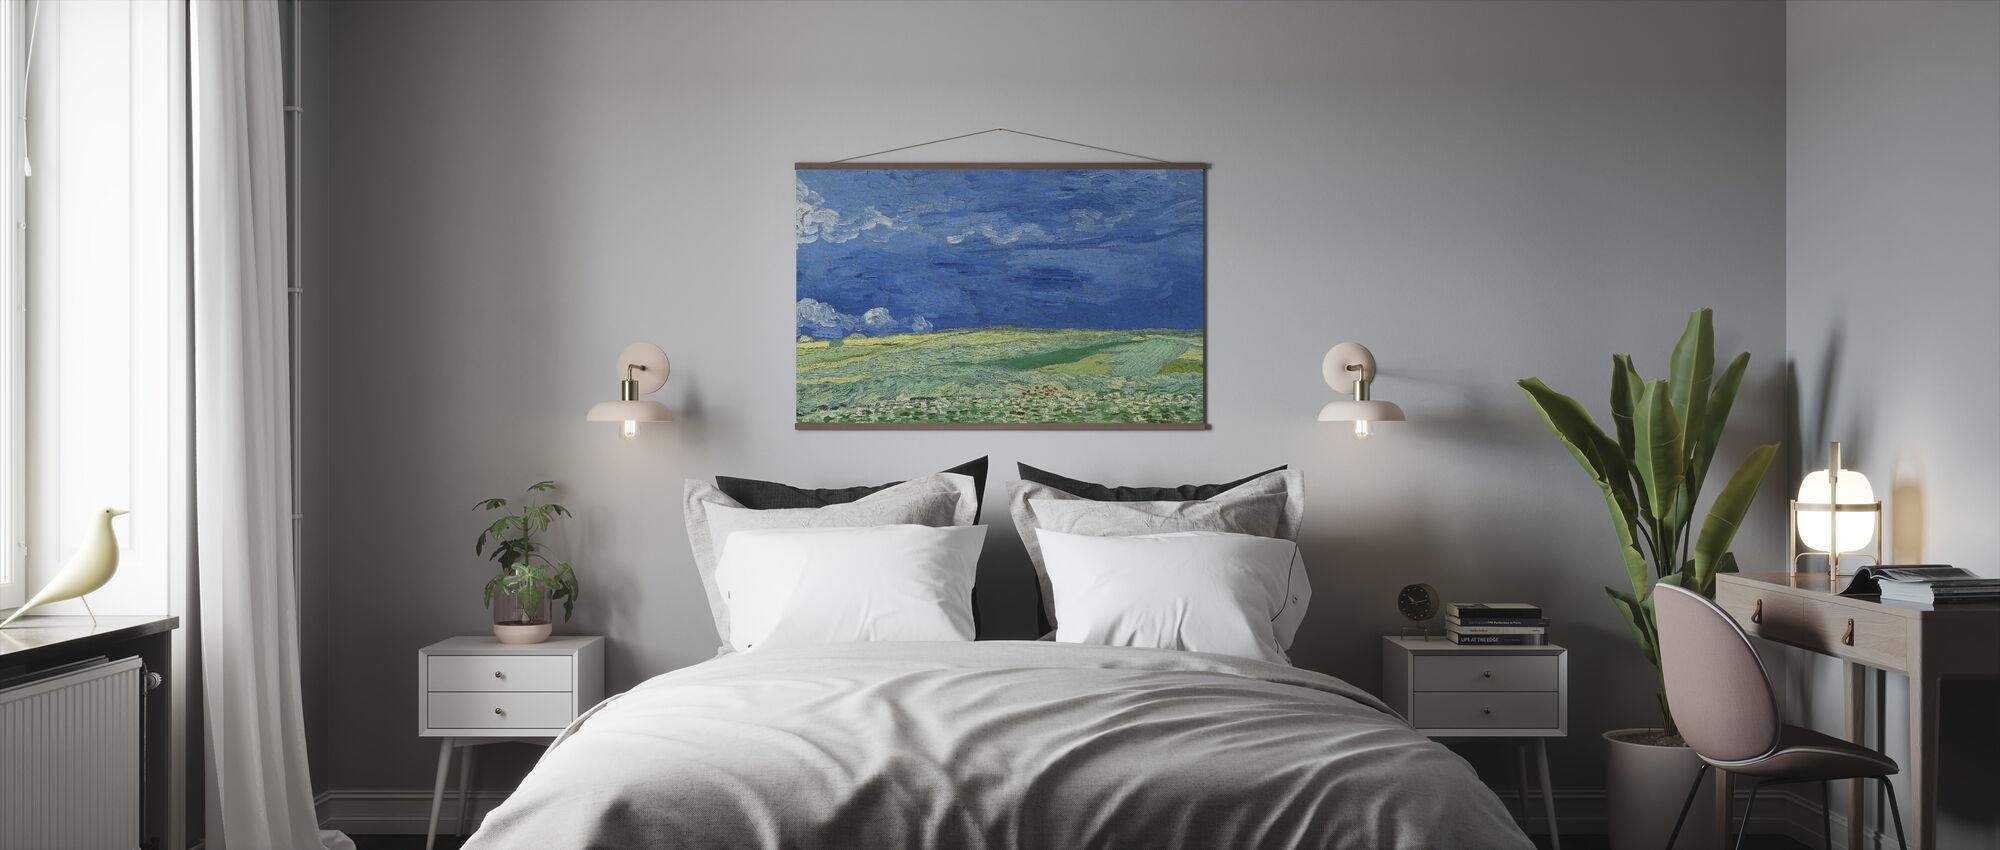 Wheatfield - Vincent Van Gogh - Poster - Bedroom